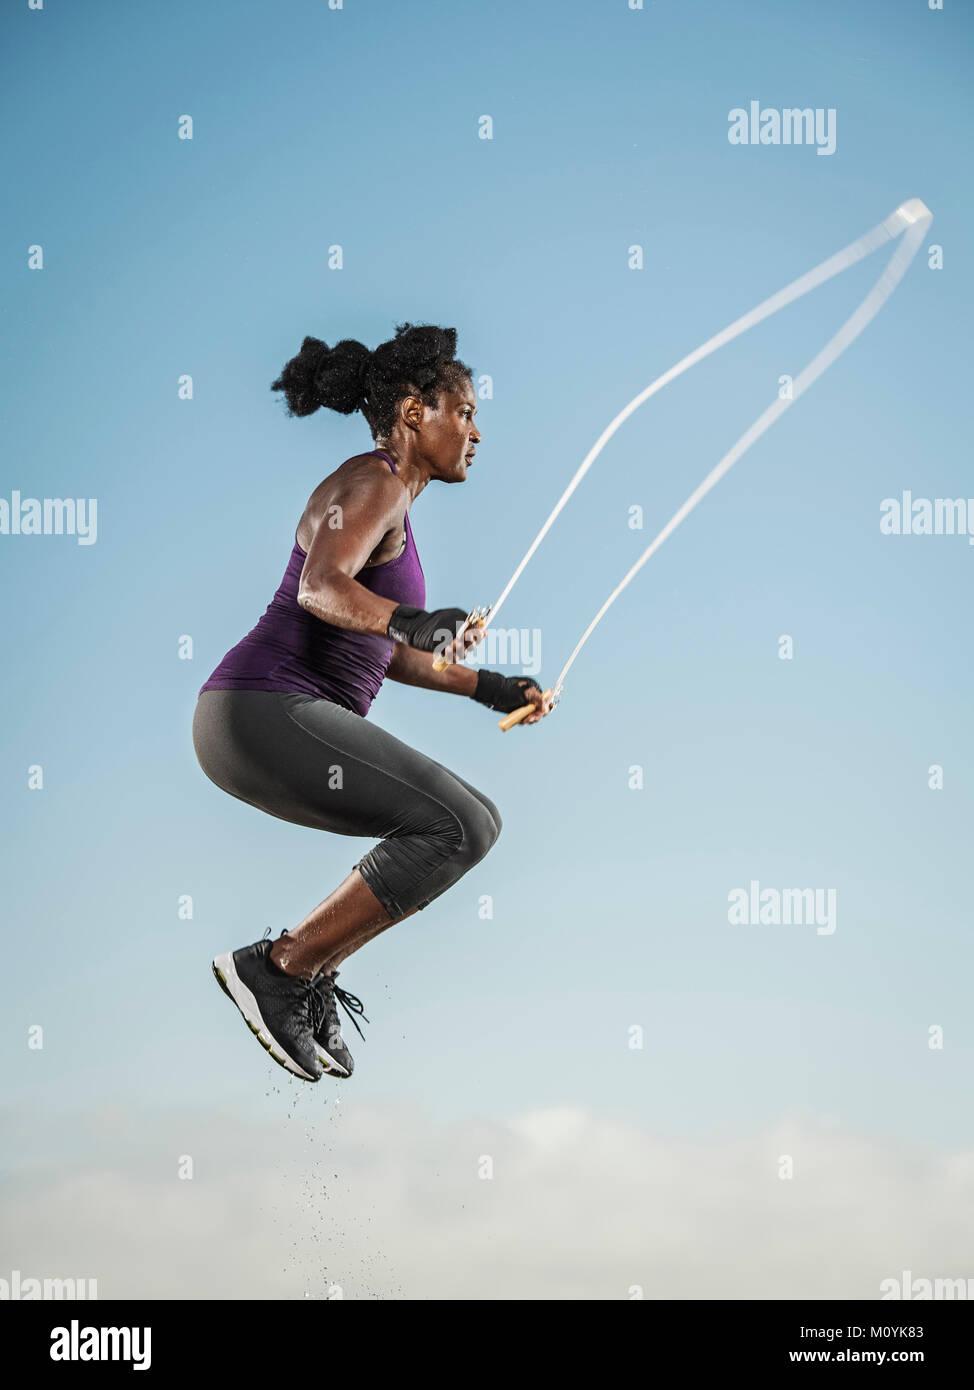 Nero donna salto con la corda nel cielo Foto Stock